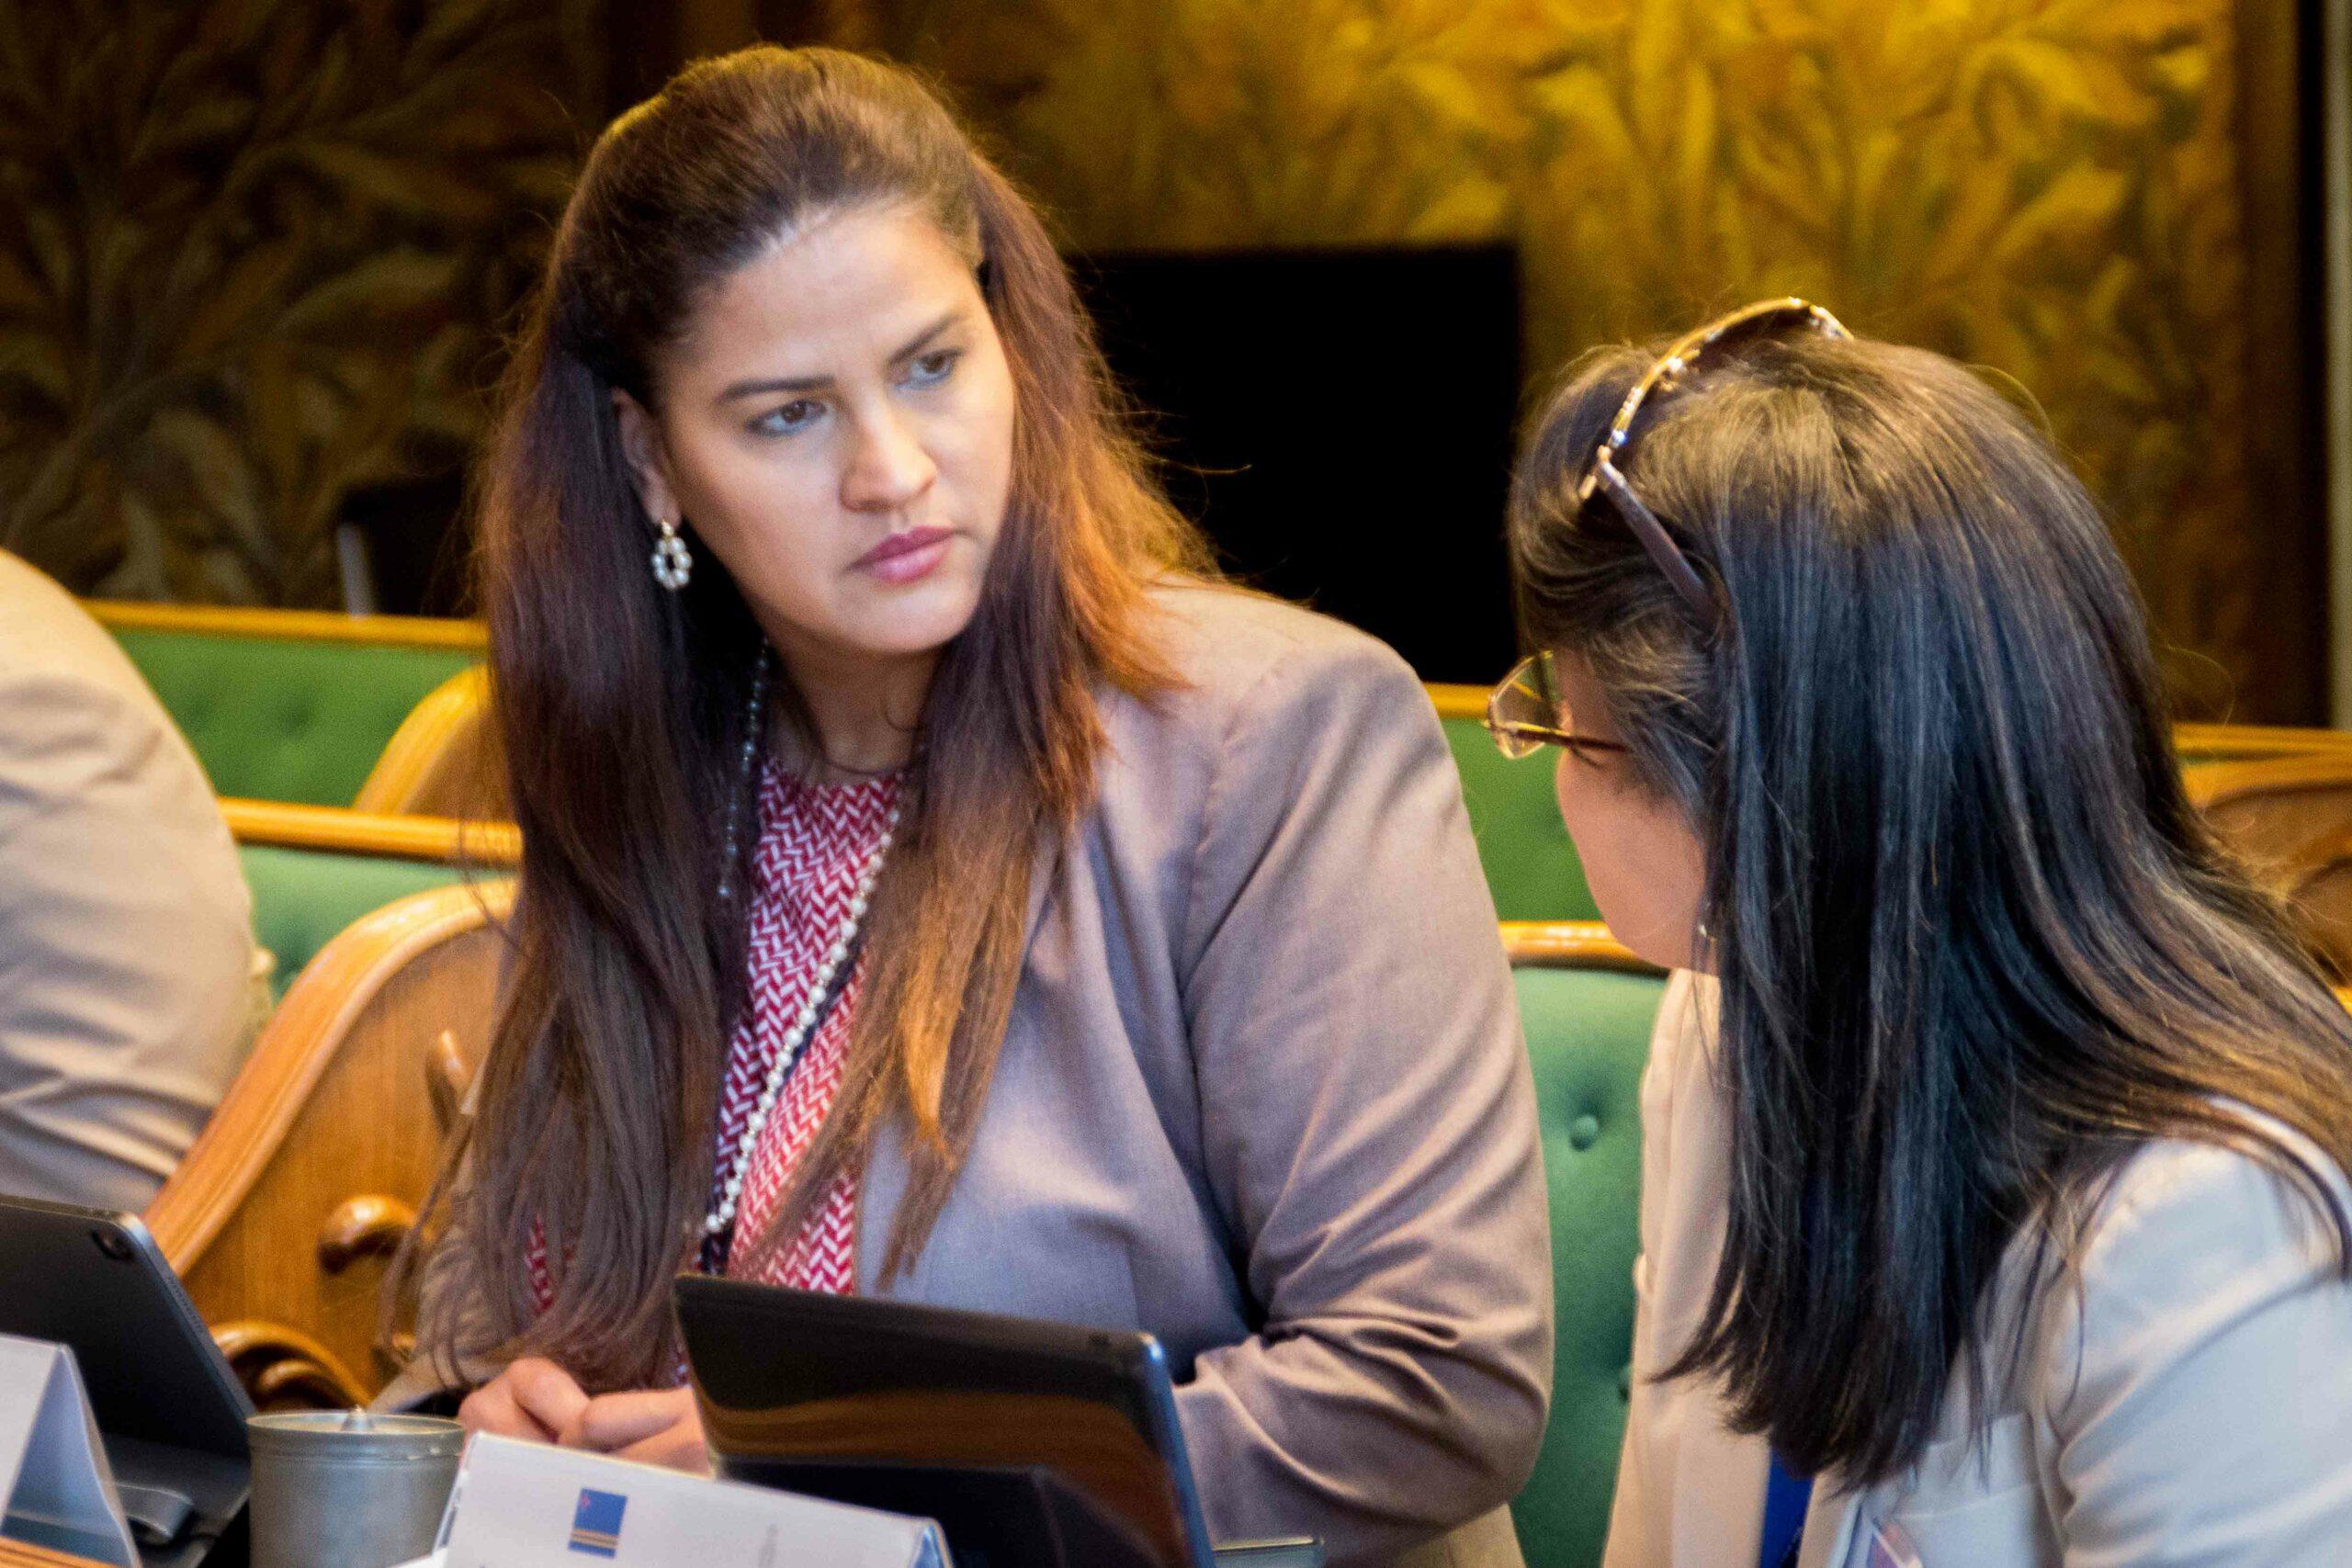 Telegraaf   Netflixen kost parlementariër Aruba de kop